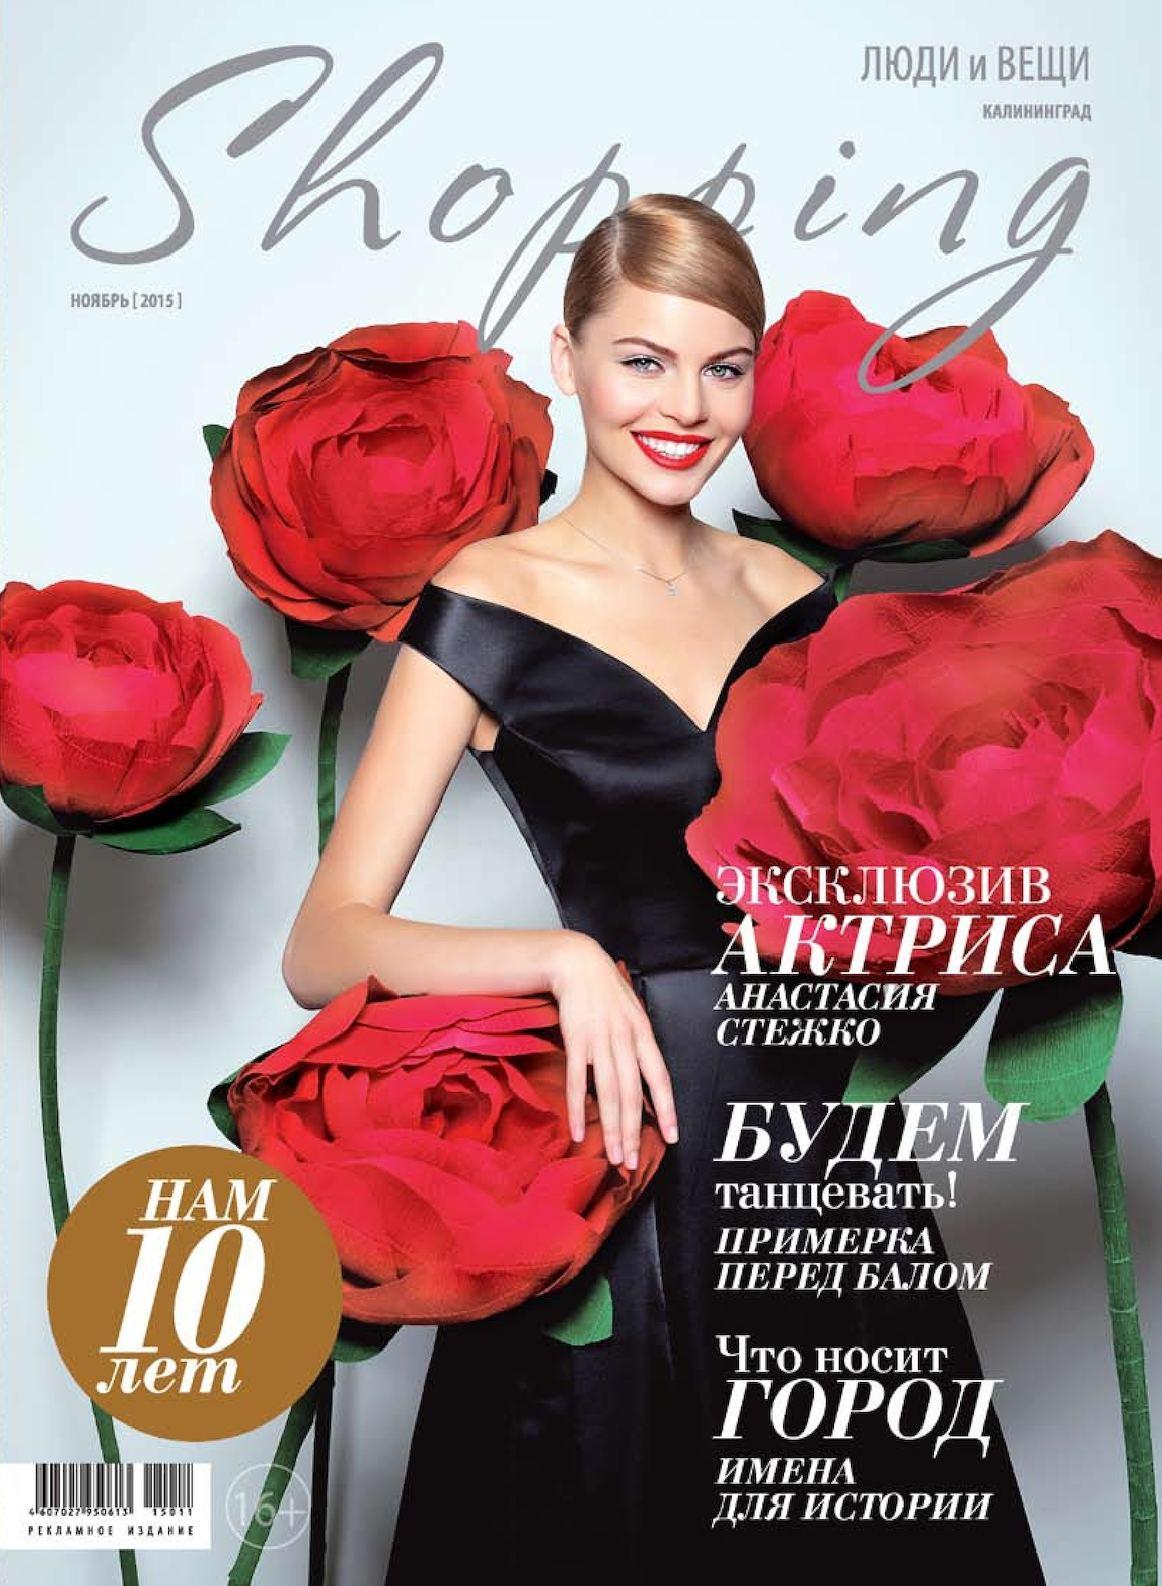 Итальянский молодой бренд Nolita для женщин, которые любят быть в центре внимания 90